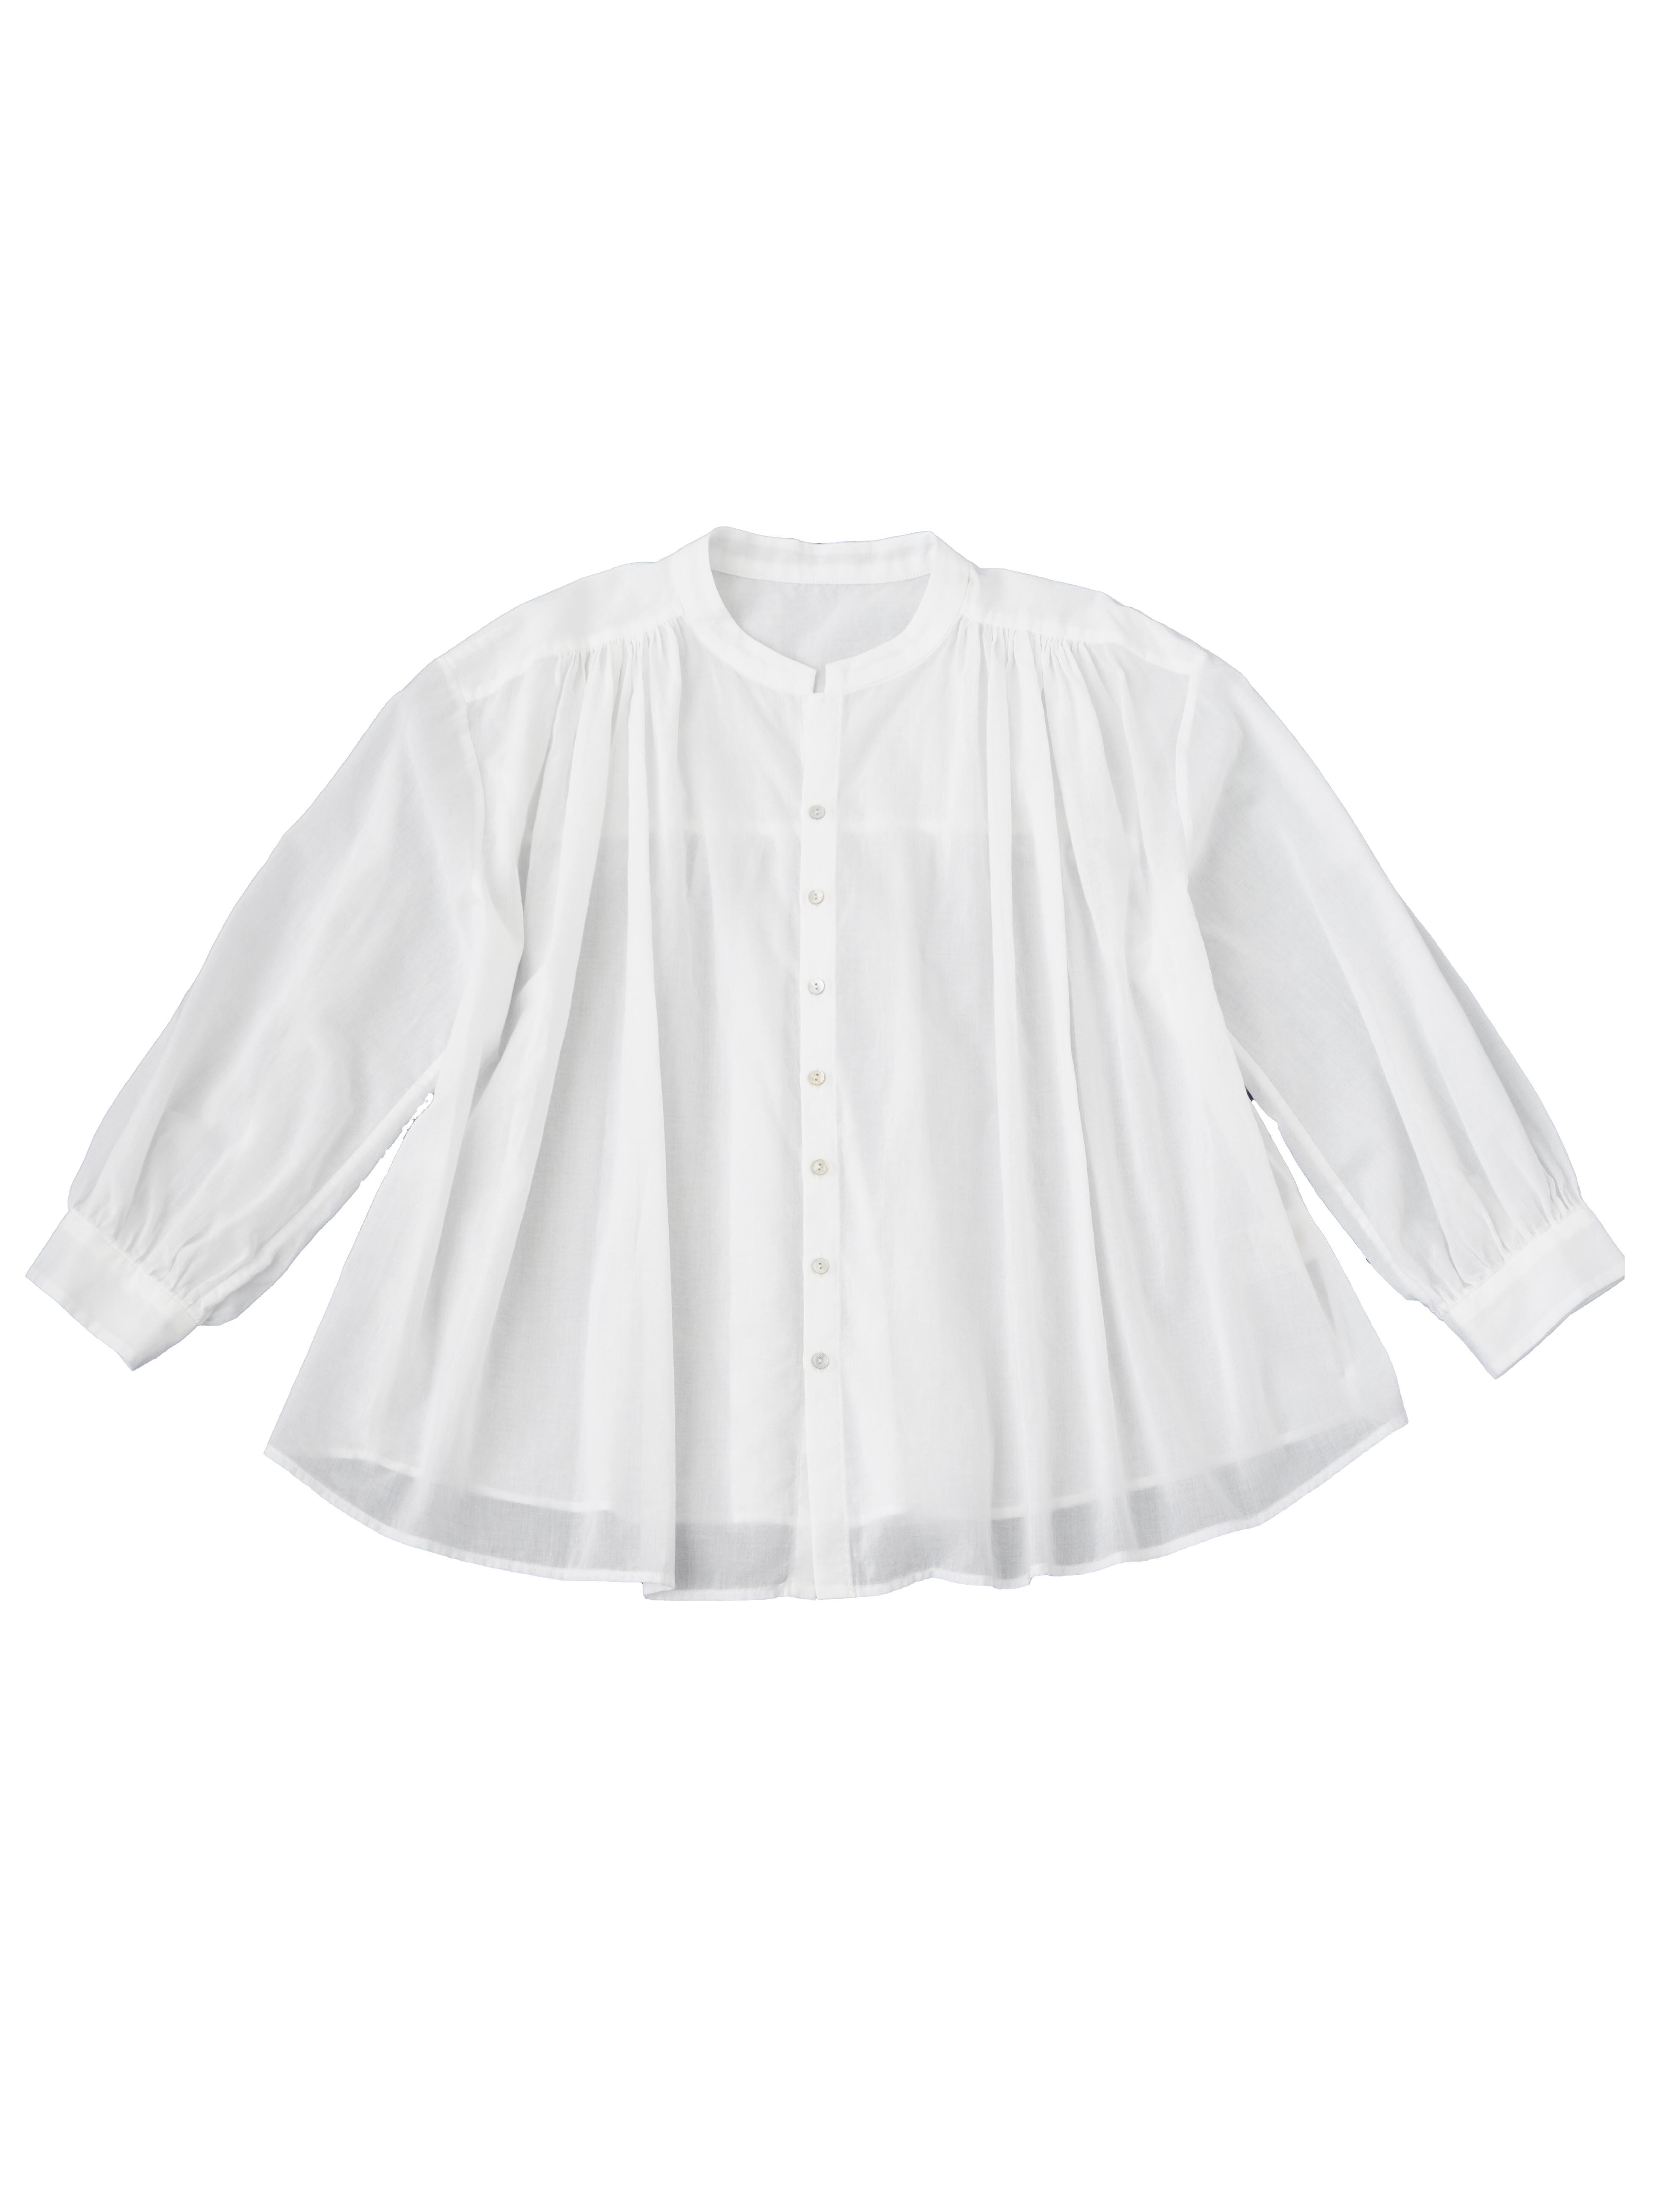 80/ローンパフィウォッシュスタンド襟ギャザーシャツ